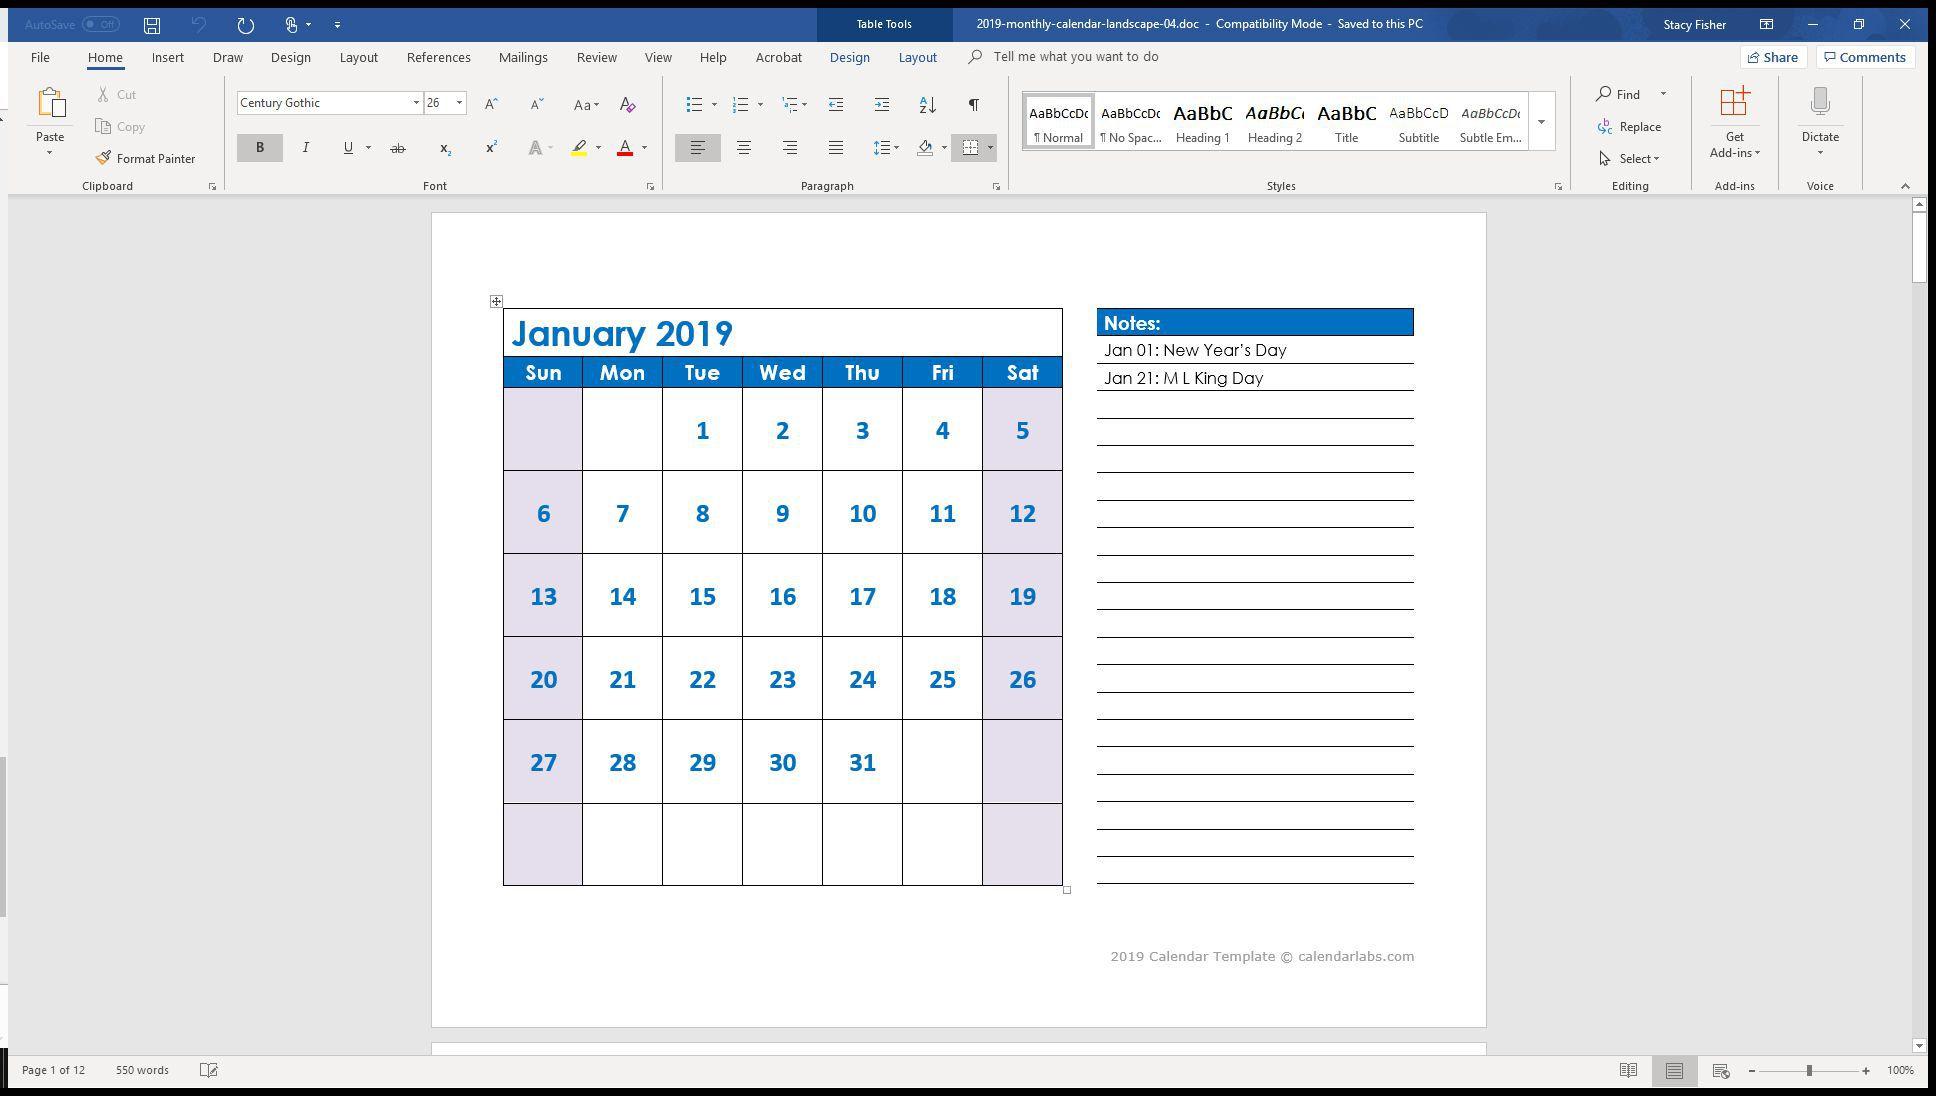 004 Stunning 2019 Calendar Template Word 2007 Inspiration Full